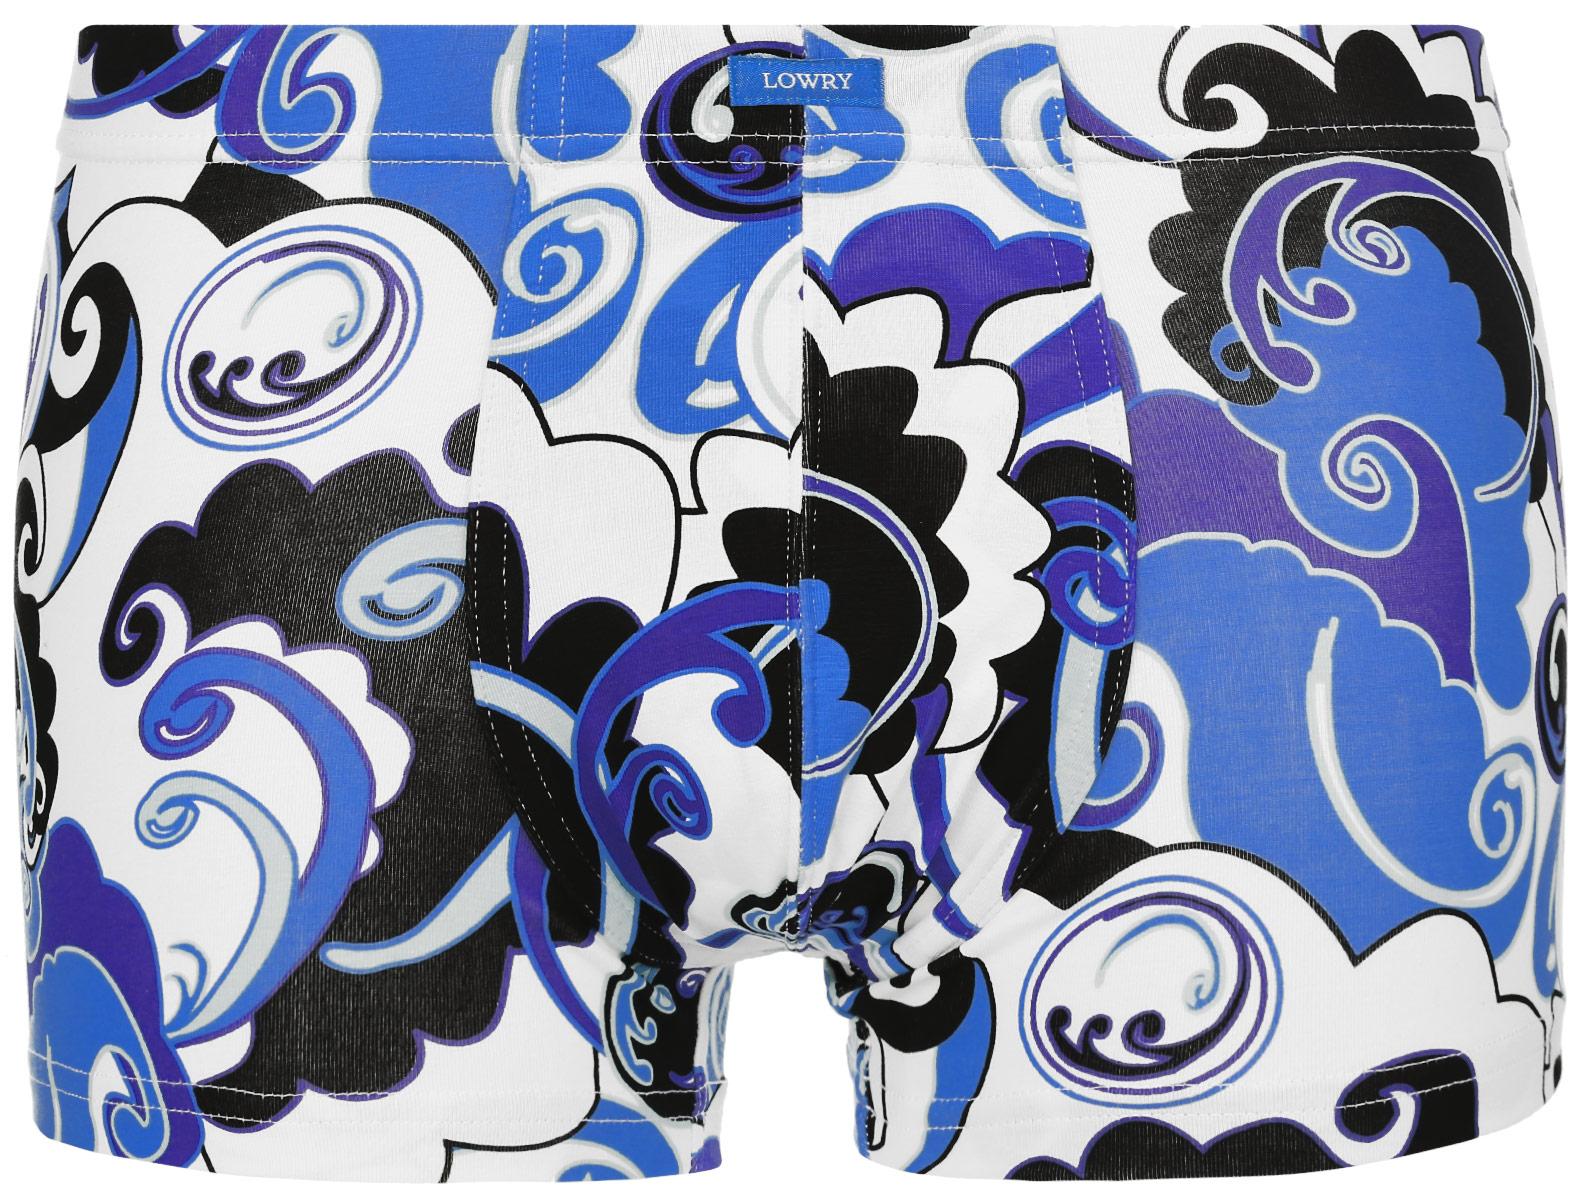 Трусы-боксеры мужские. MSHL-325MSHL-325Классические трусы-боксеры Lowry выполнены из хлопка с добавление лайкры. Удобная посадка и широкая резинка на талии обеспечат наибольший комфорт. Резинка оформлена нашивкой с названием бренда. Трусы оформлены ярким оригинальным принтом. Модель создана для тех, кто предпочитает комфорт, практичность и современный дизайн.